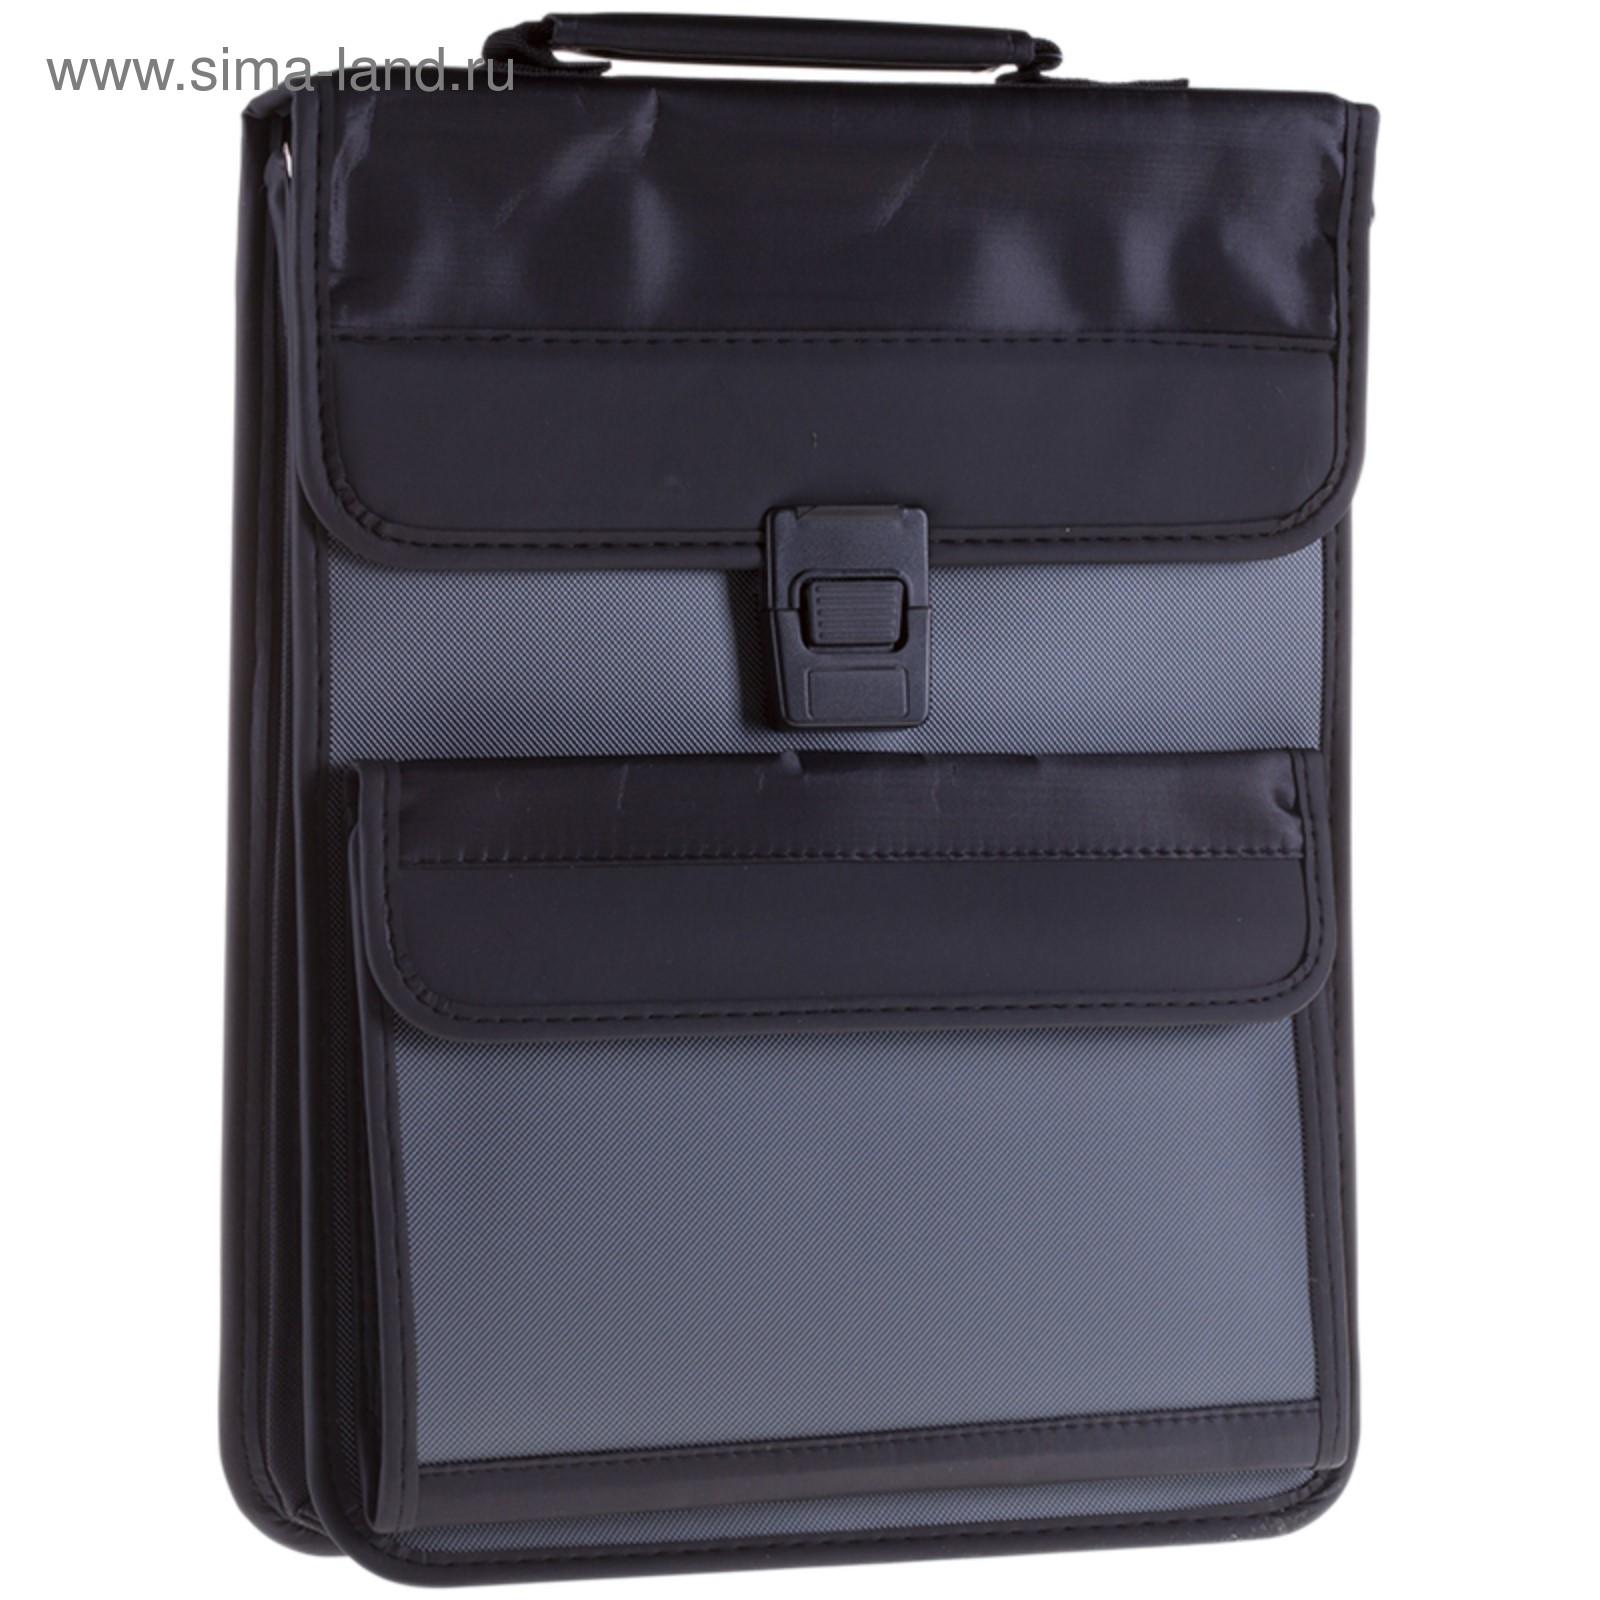 b109e9c7c4b0 Сумка деловая 2 отделения Office Soft, полиэстер, тёмно-серый ...